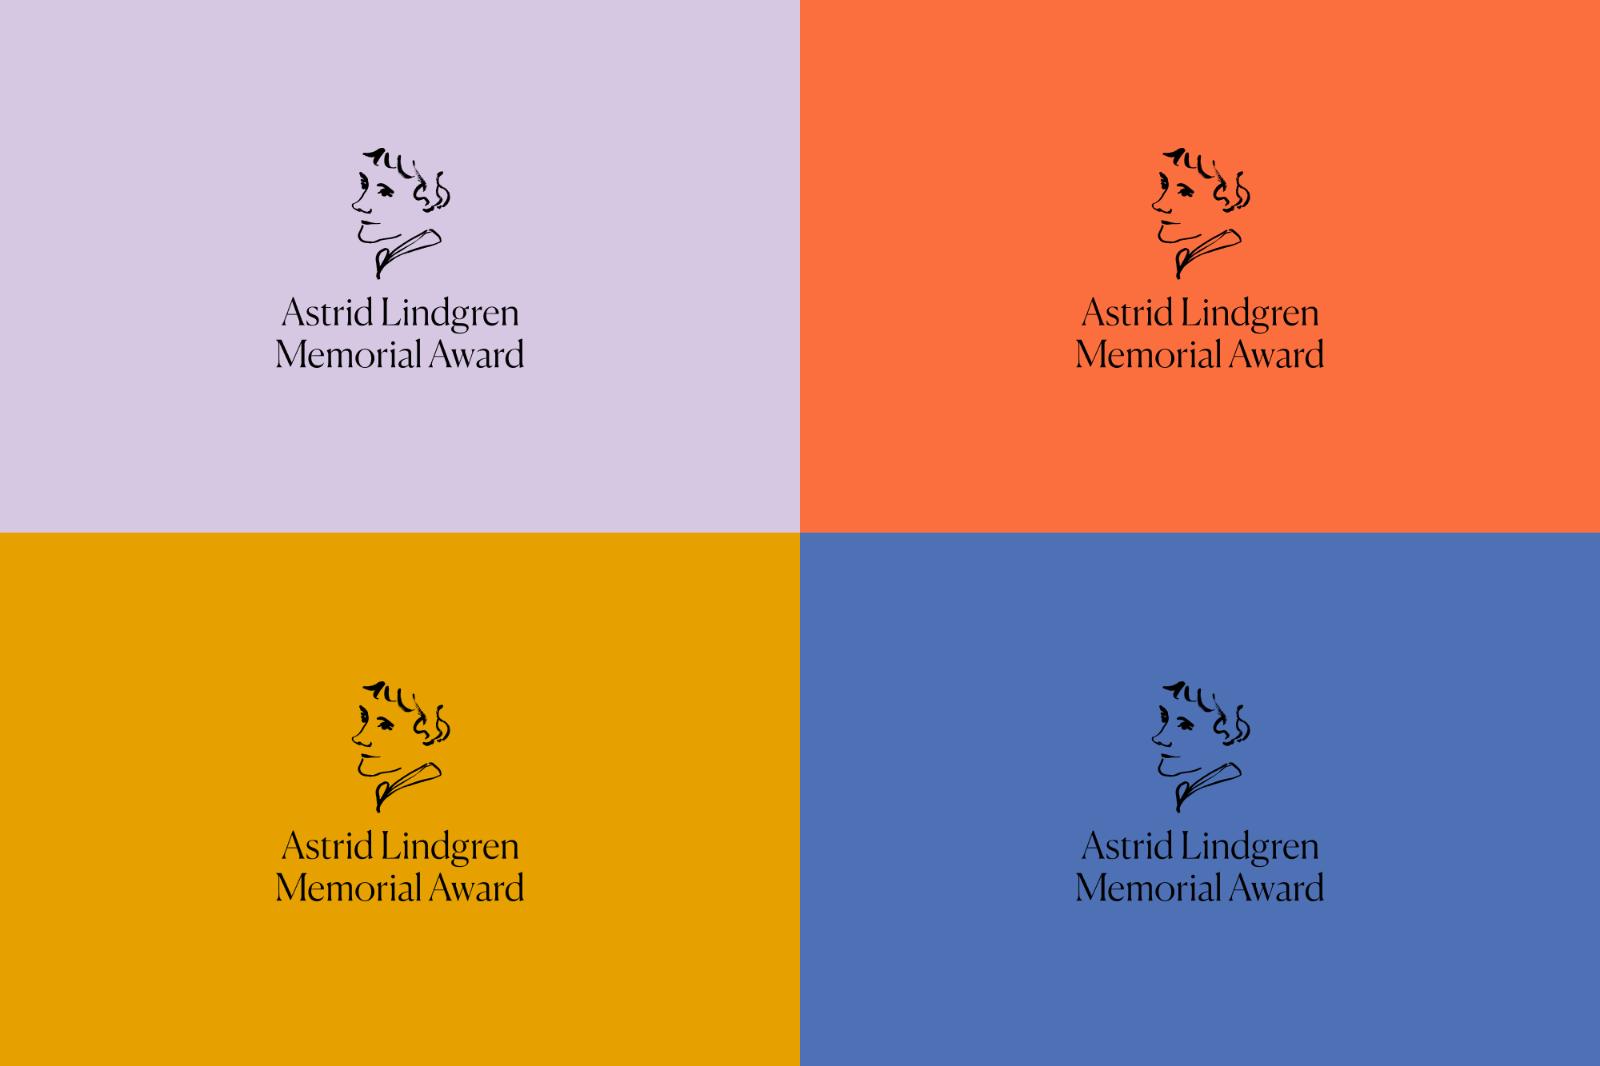 Logotypen består av en ordbild och ett porträtt av Astrid Lindgren, ritat av Illustratören Amanda Åkerman. Happy F&B ville få en tydlig igenkänning med så få linjer som möjligt. Färgpaletten strävar efter att vara mjuk och varm. Bild: Happy F&B.